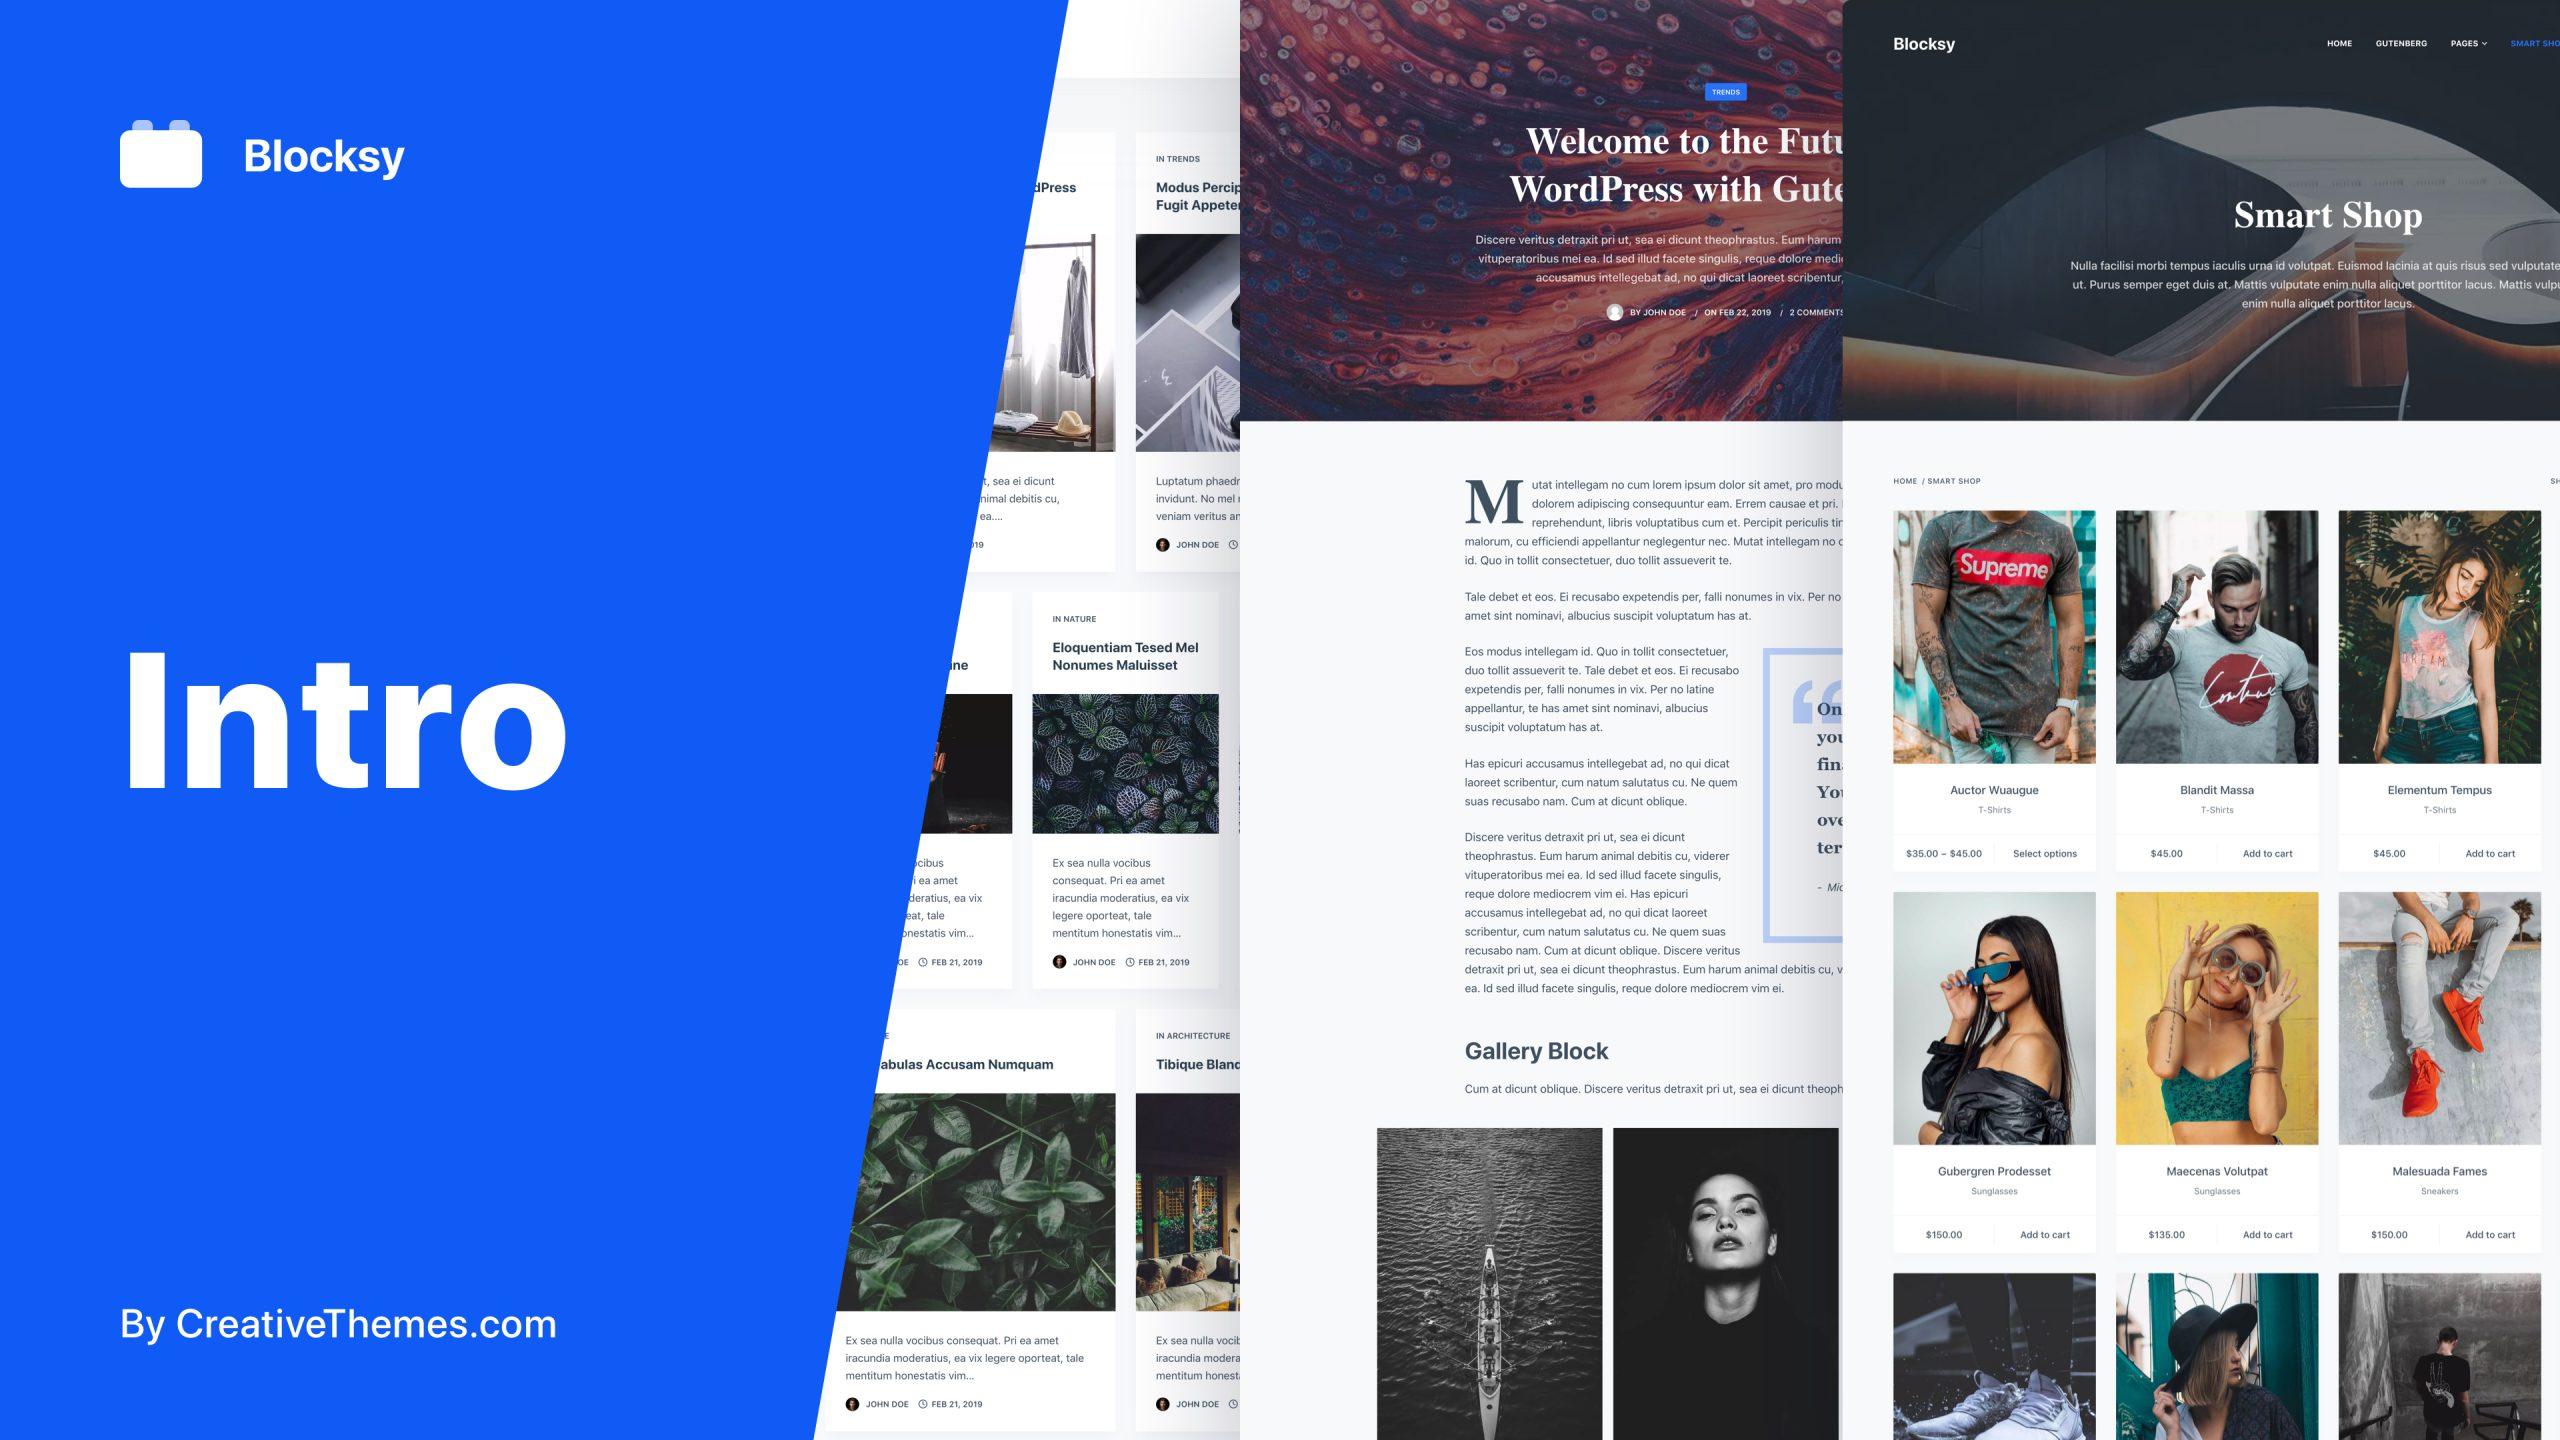 Blocksy Intro